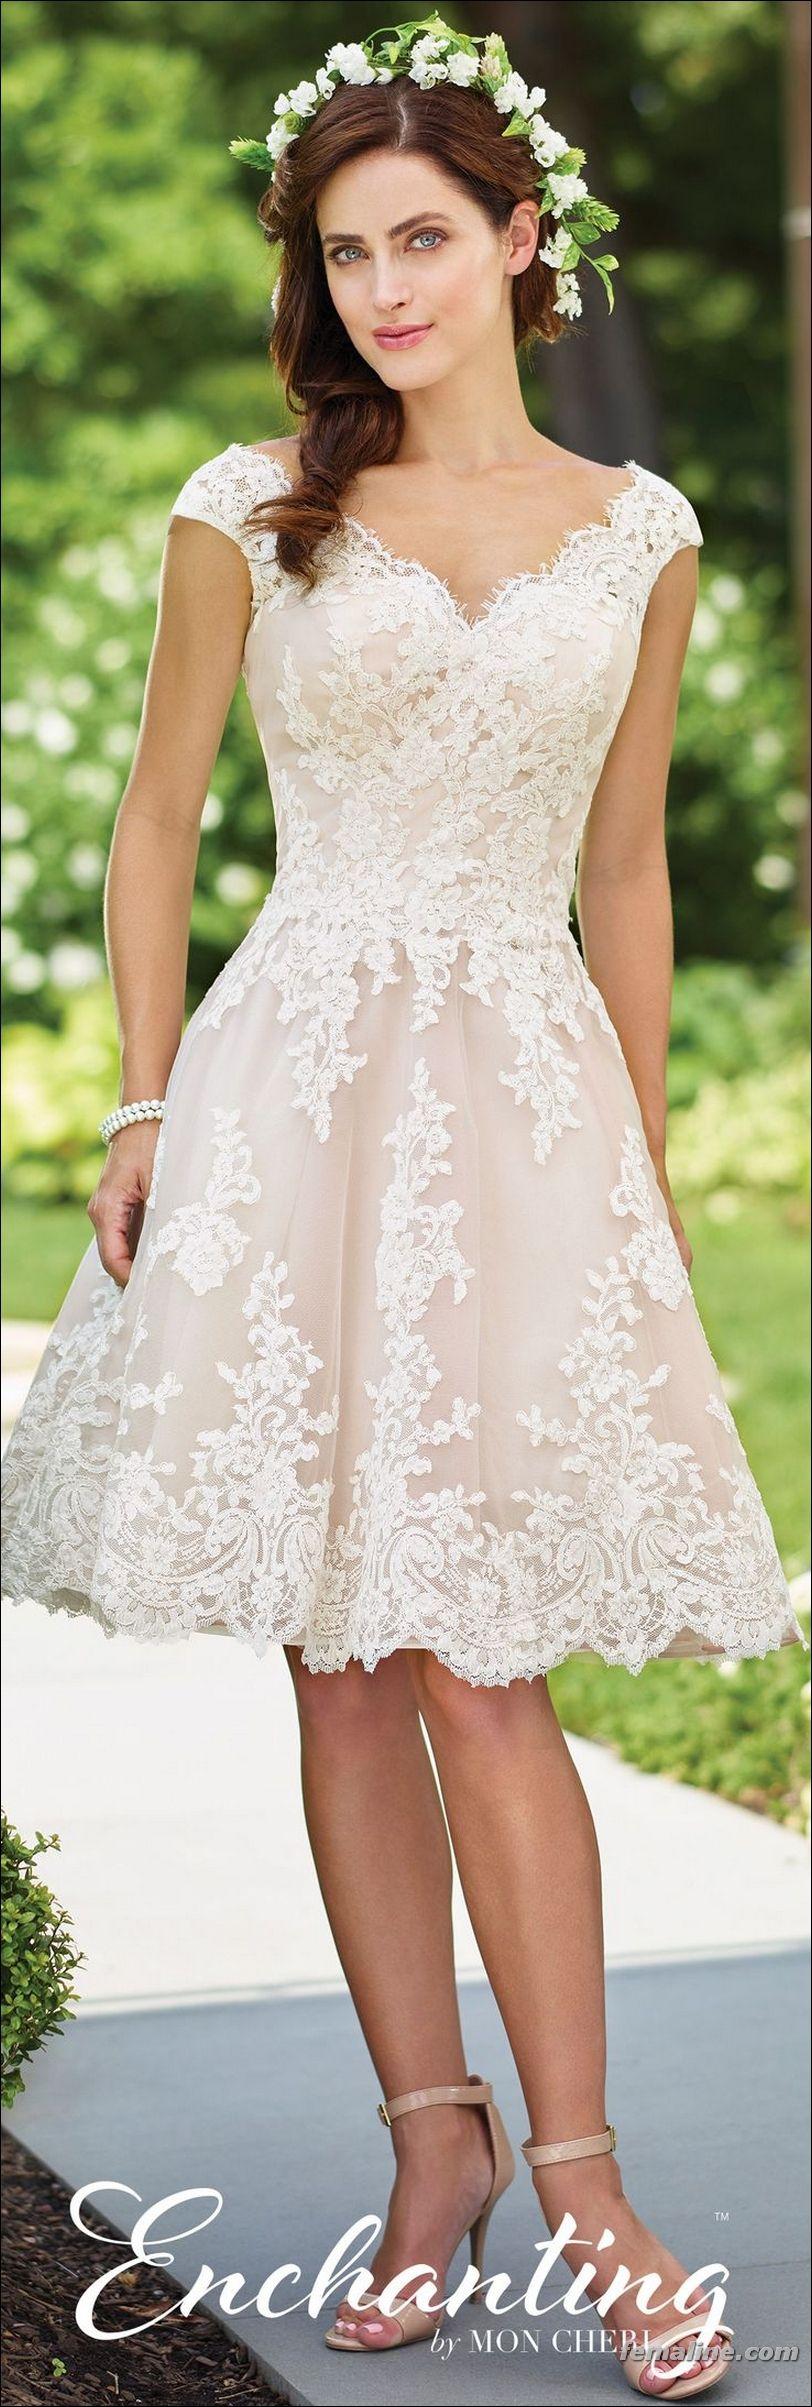 123 Short Sleeve Wedding Dress Trend 2017 | Knielang ...